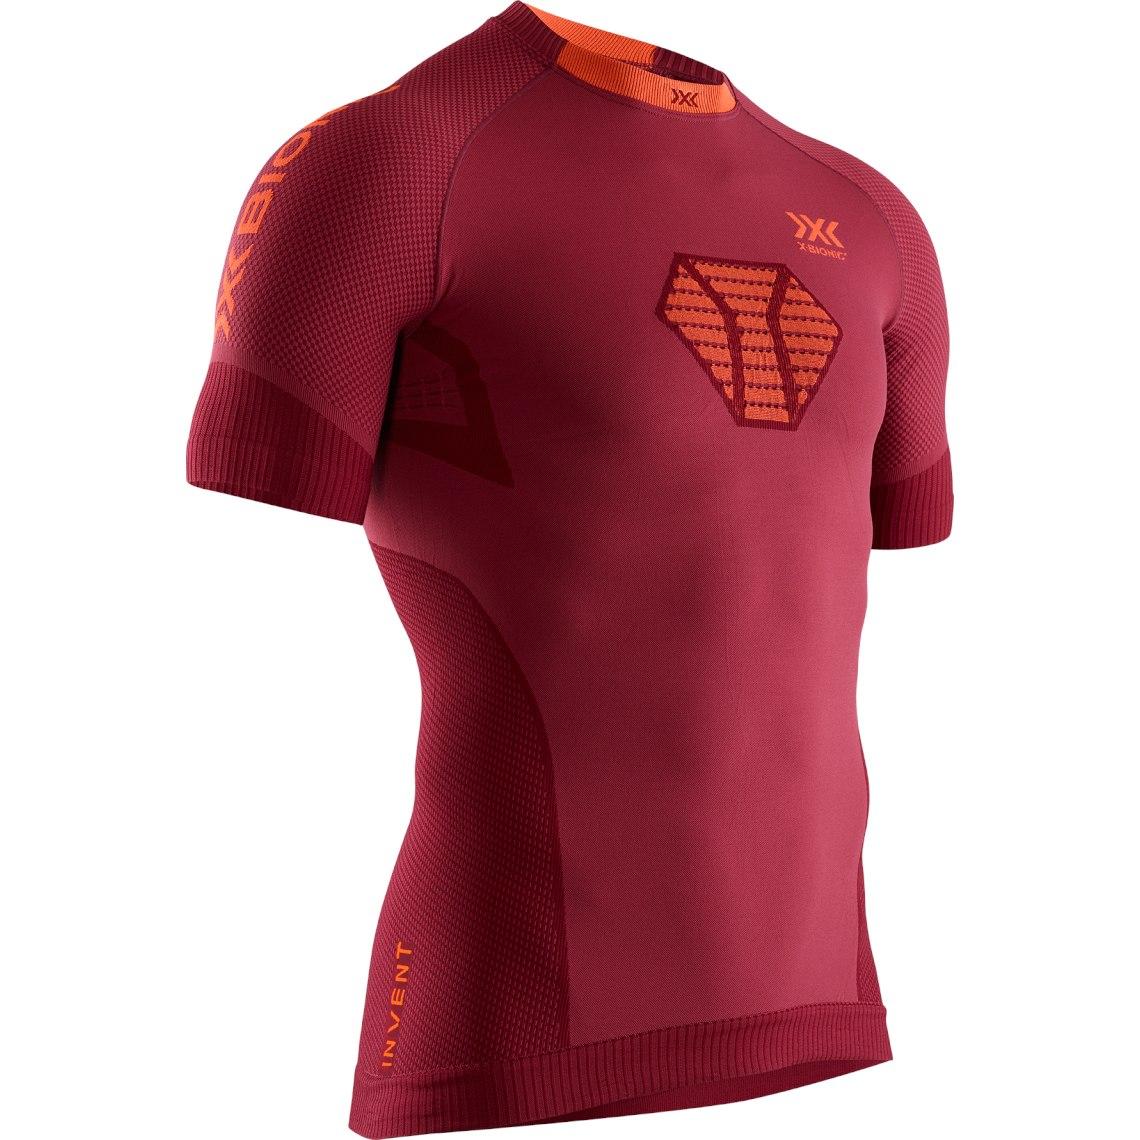 X-Bionic Invent 4.0 Run Speed Shirt Short Sleeves for Men - namib red/kurkuma orange